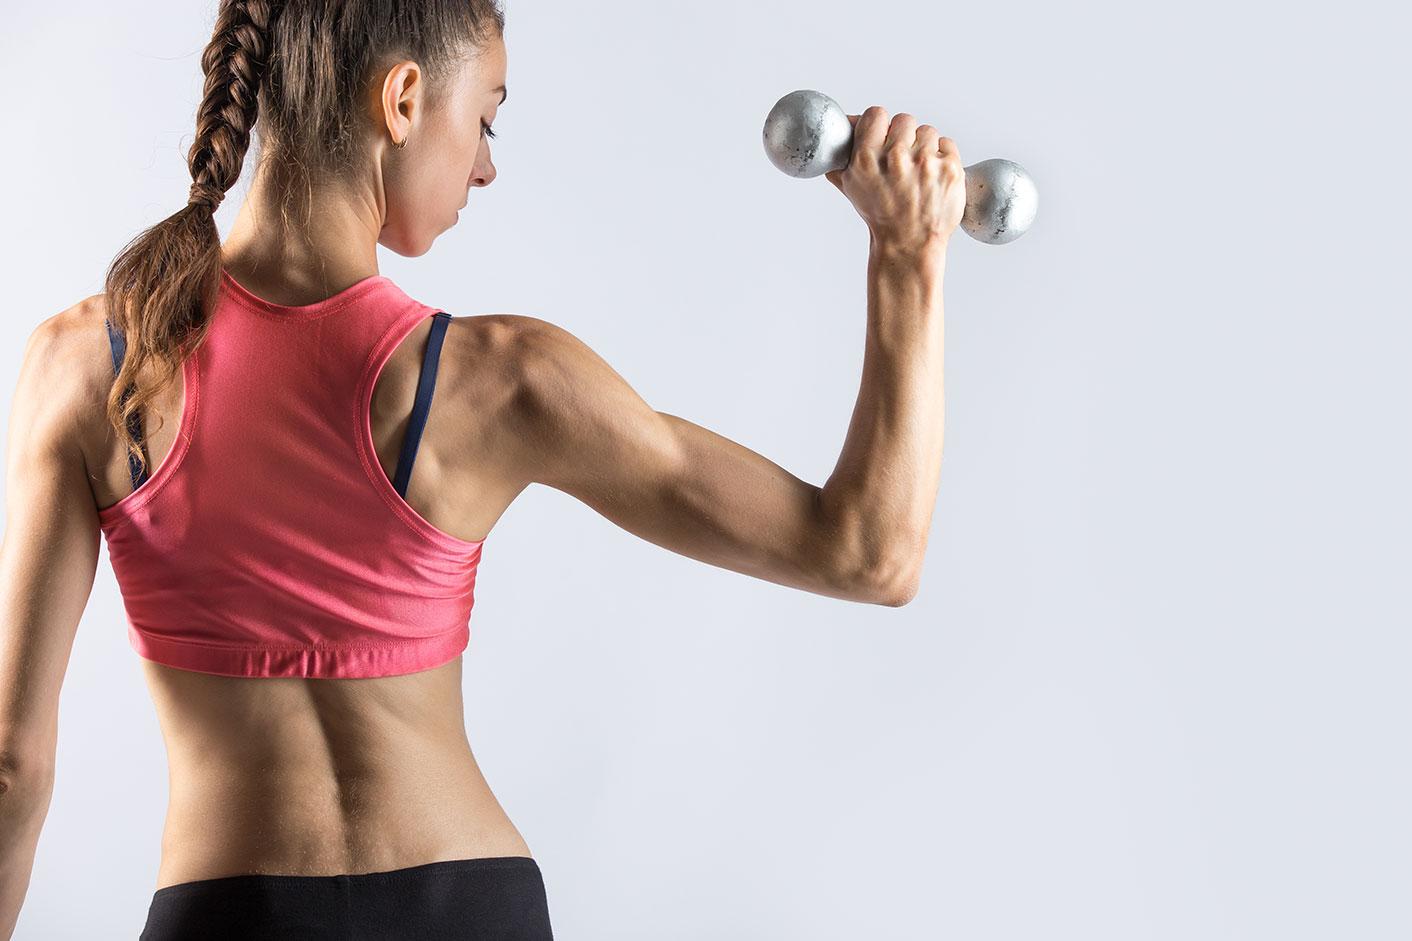 Как быстро похудеть женщине: эффективные способы быстрого похудения -